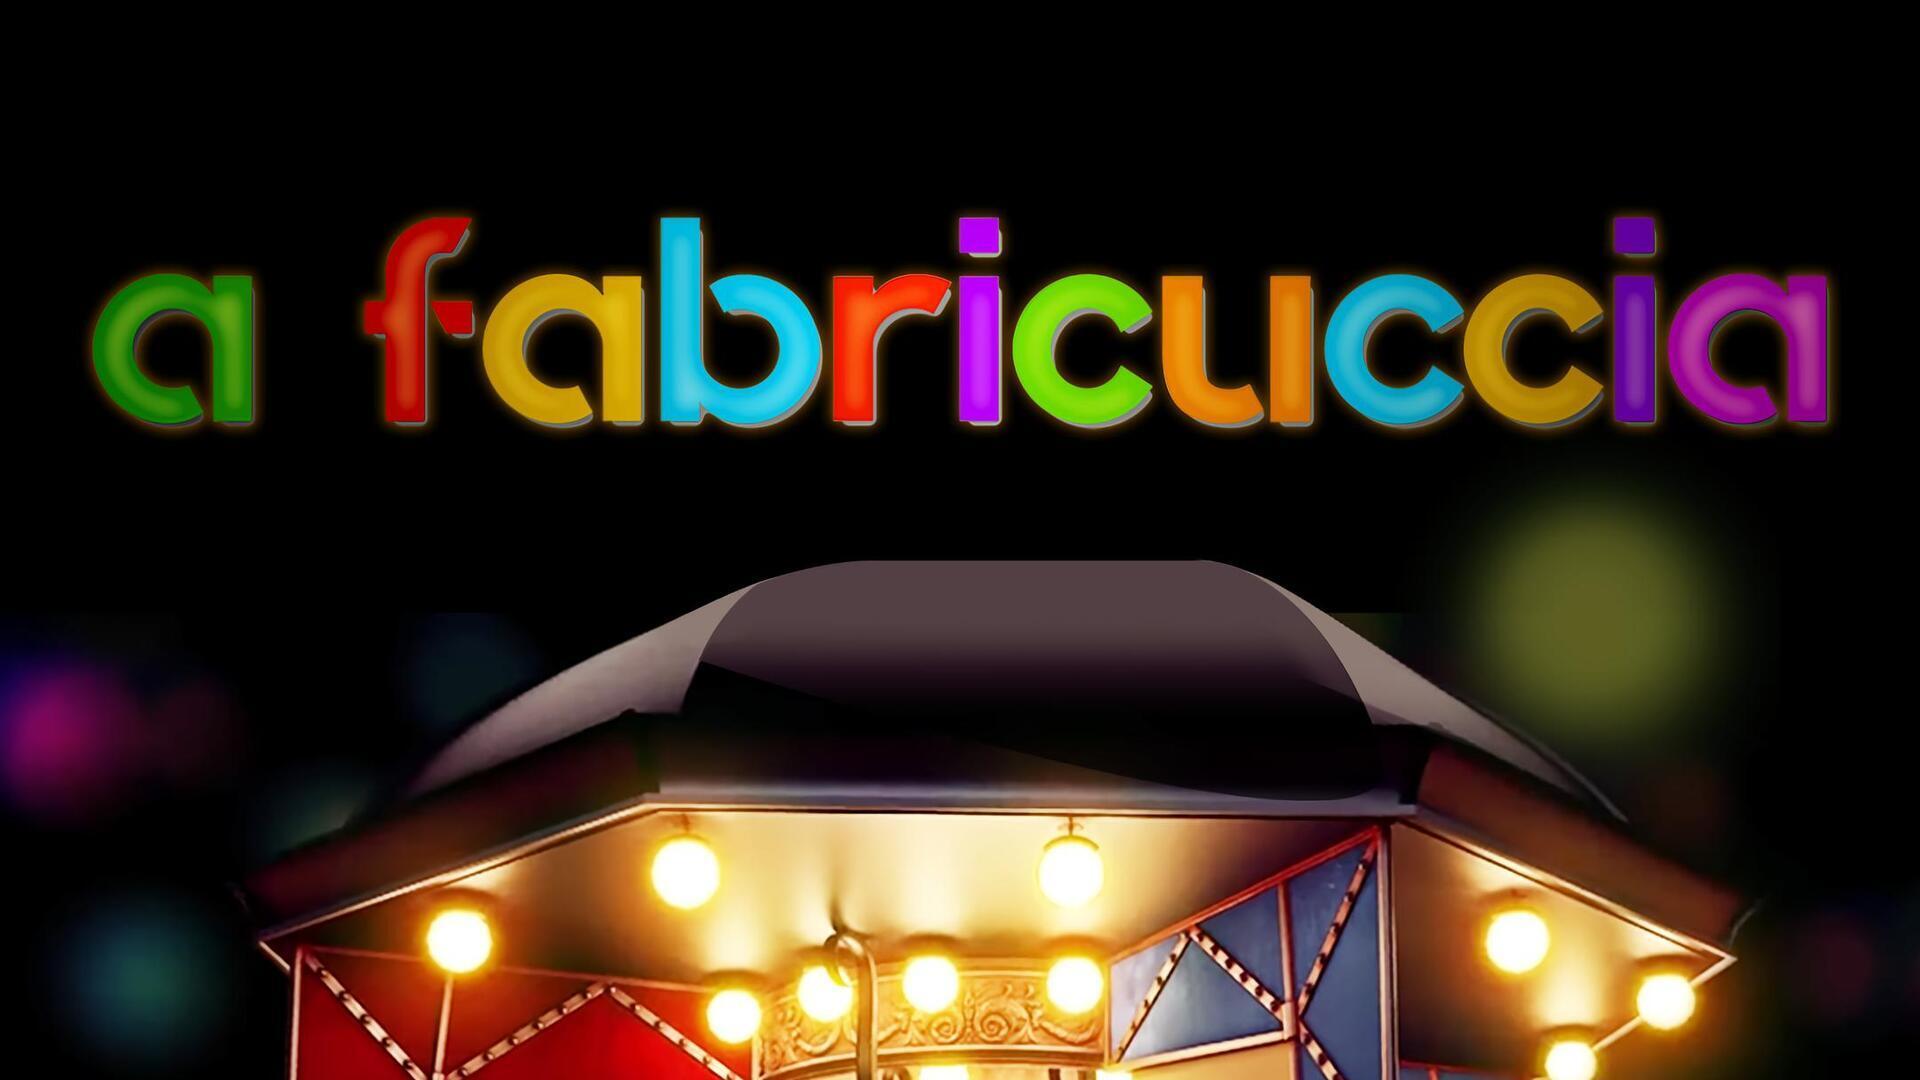 """A fabricuccia : U megliu di """"A Fabricuccia"""""""